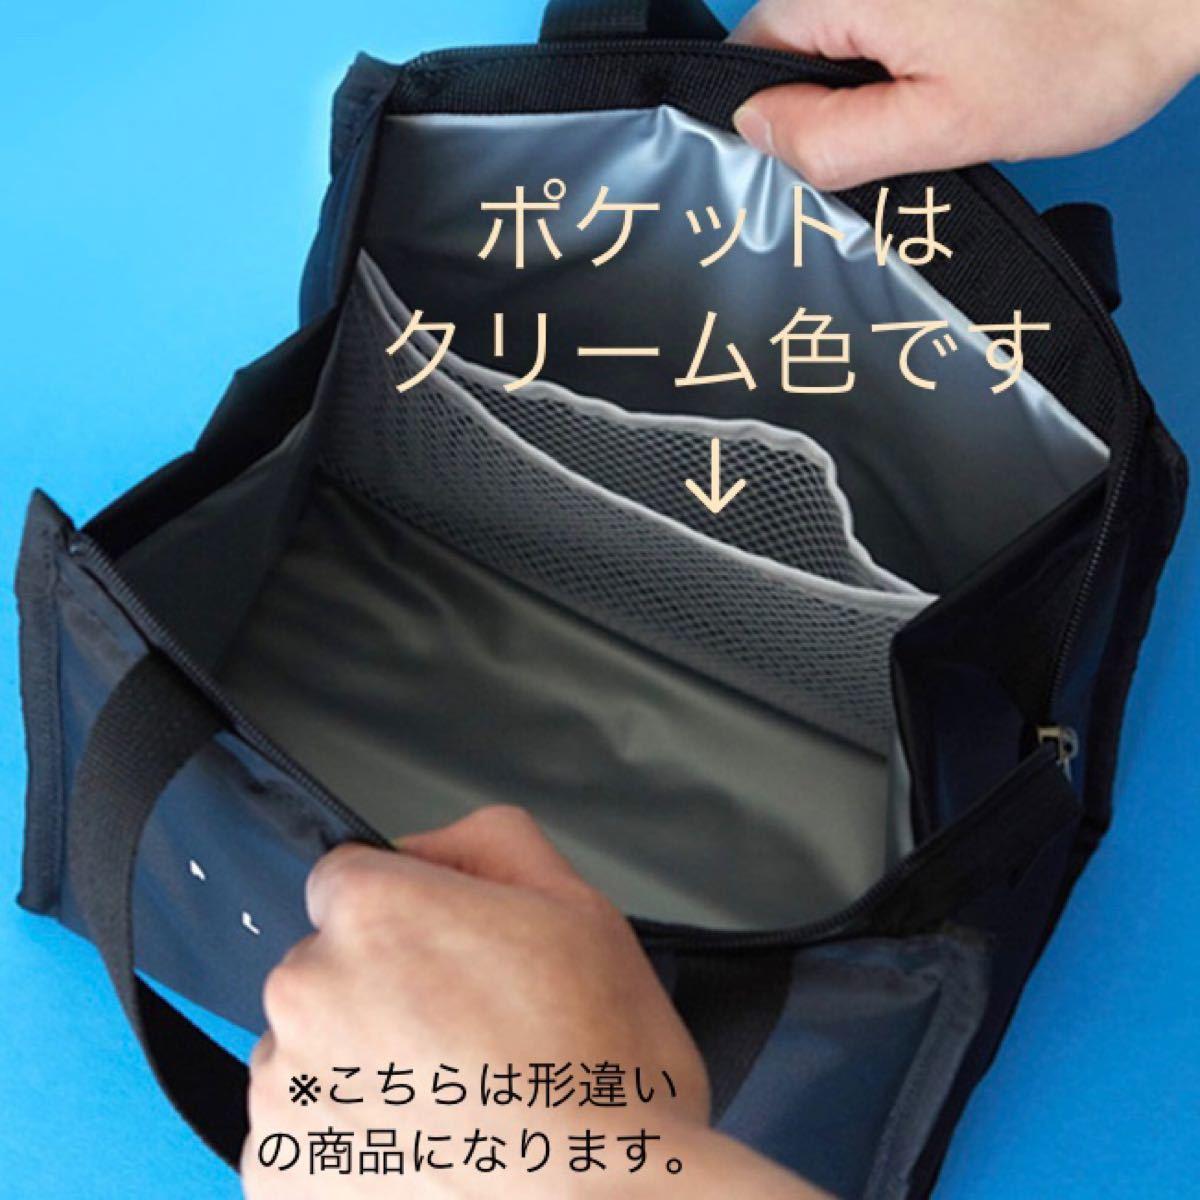 保冷バッグ オシャレ 黒 シンプル クールバッグ エコバッグ ランチバック